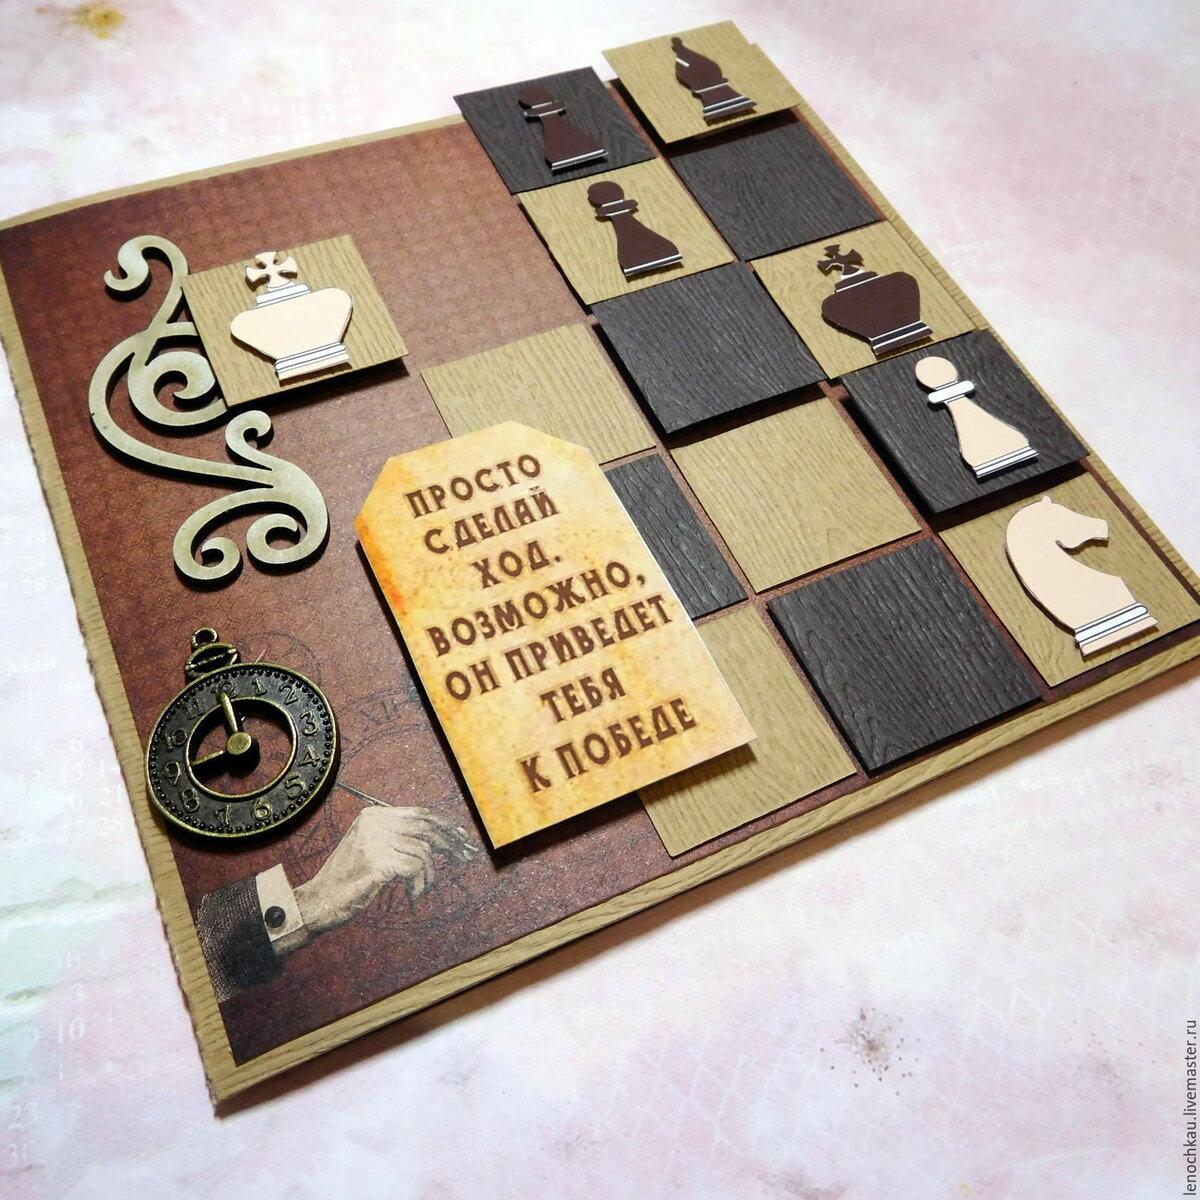 с днем учителя шахматы открытка